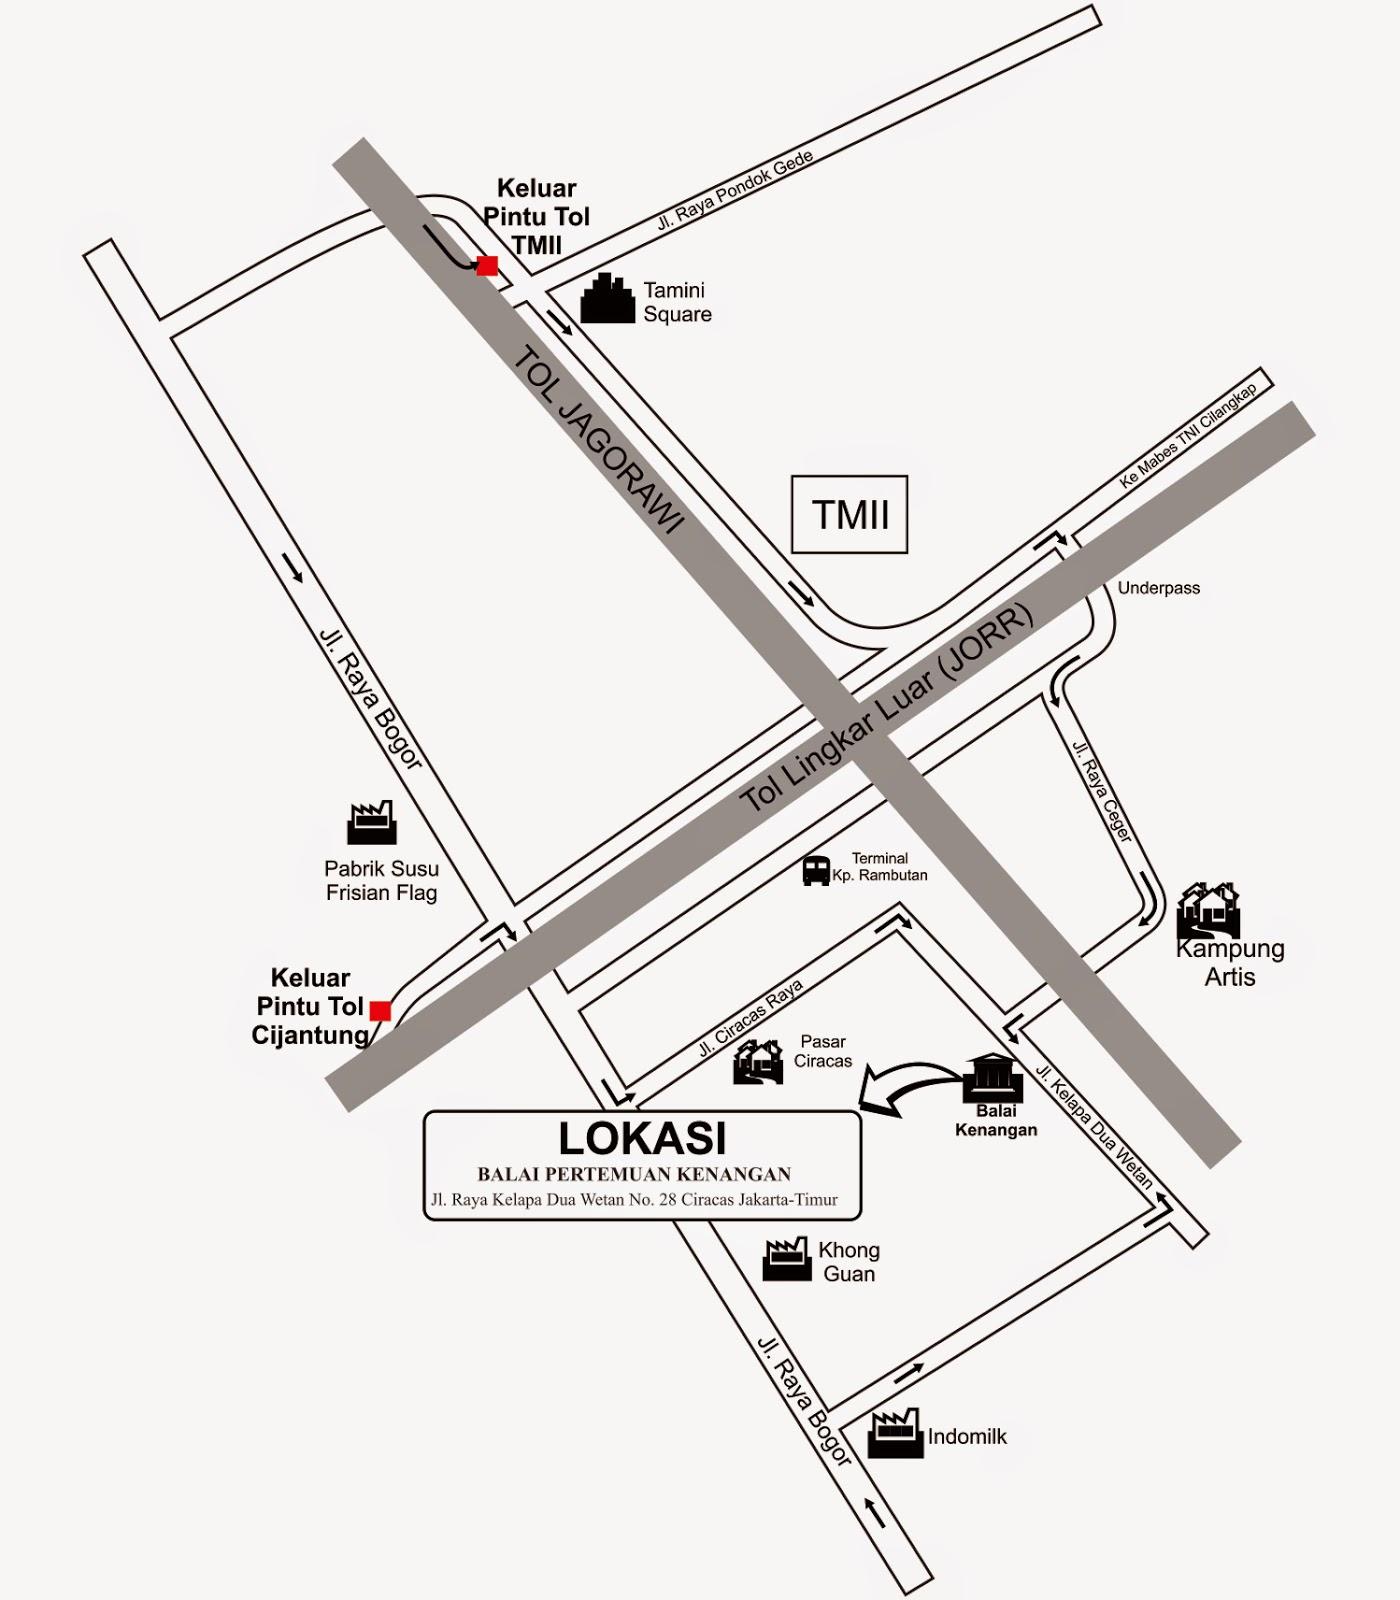 Denah Gedung Balai Pertemuan Kenangan Jakarta